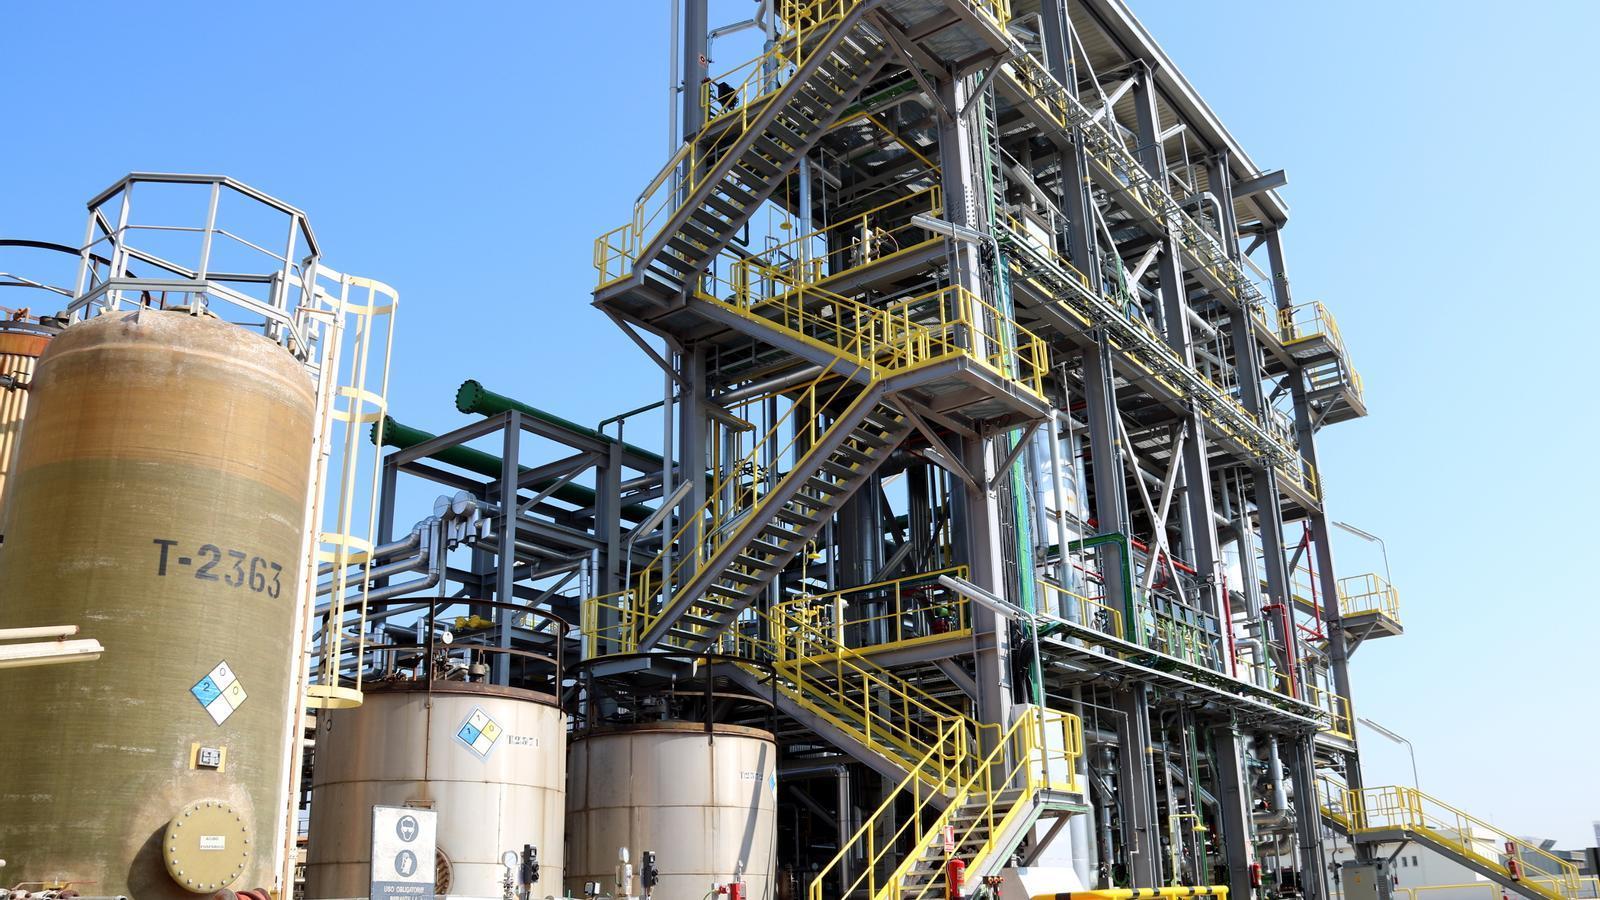 La planta de derivats d'òxid d'etilè de l'empresa química IQOXE a la Canonja, al Tarragonès, el dia de la seva inauguració, el 15 de març del 2017